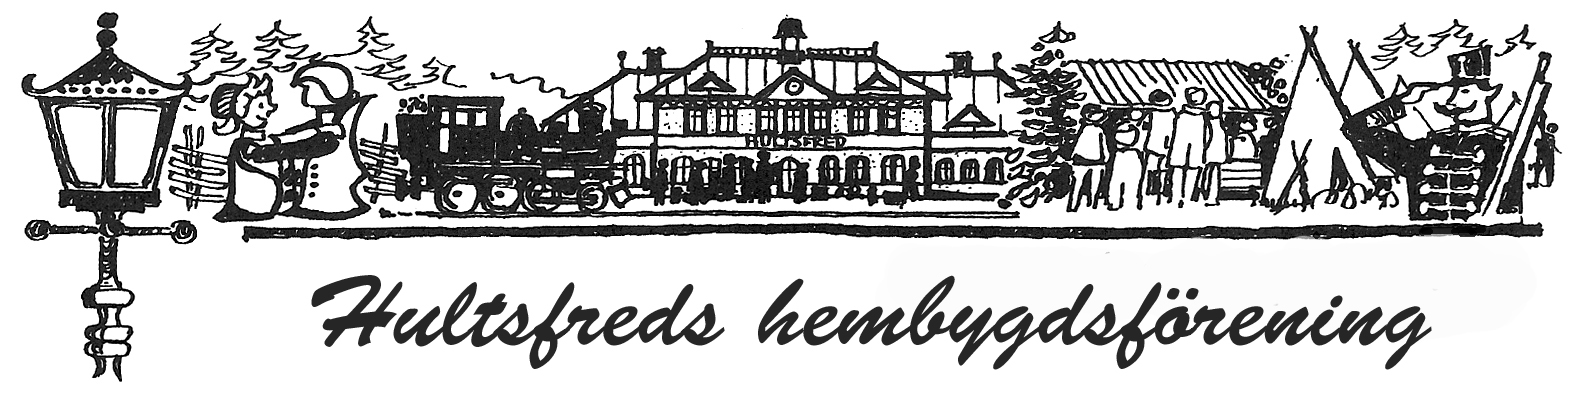 Hultsfreds Hembygdsförening Logotyp